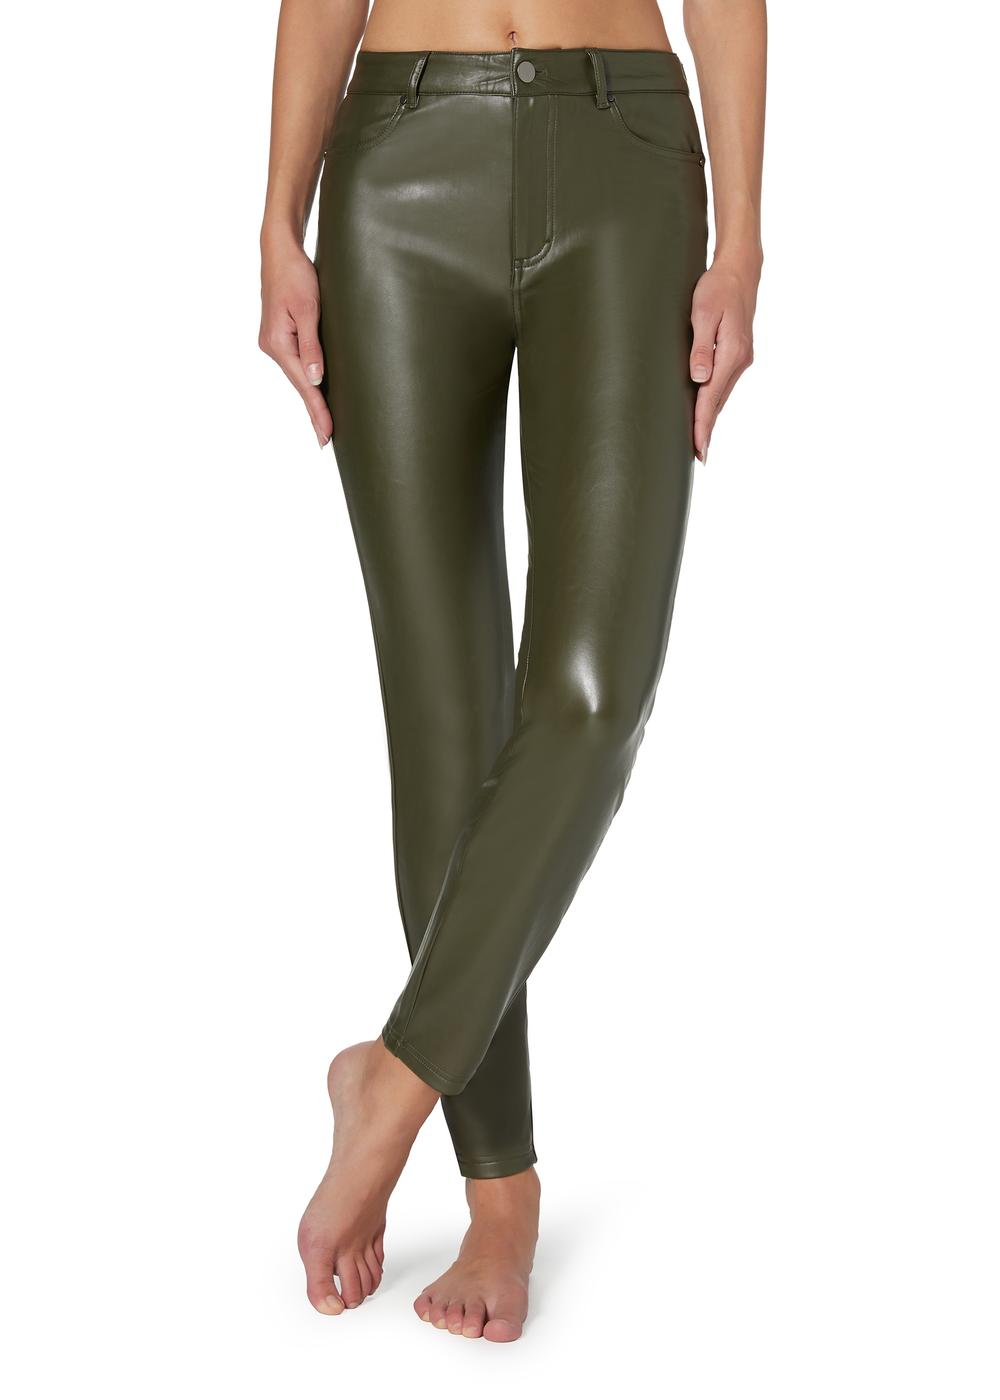 Pantalones térmicos efecto piel